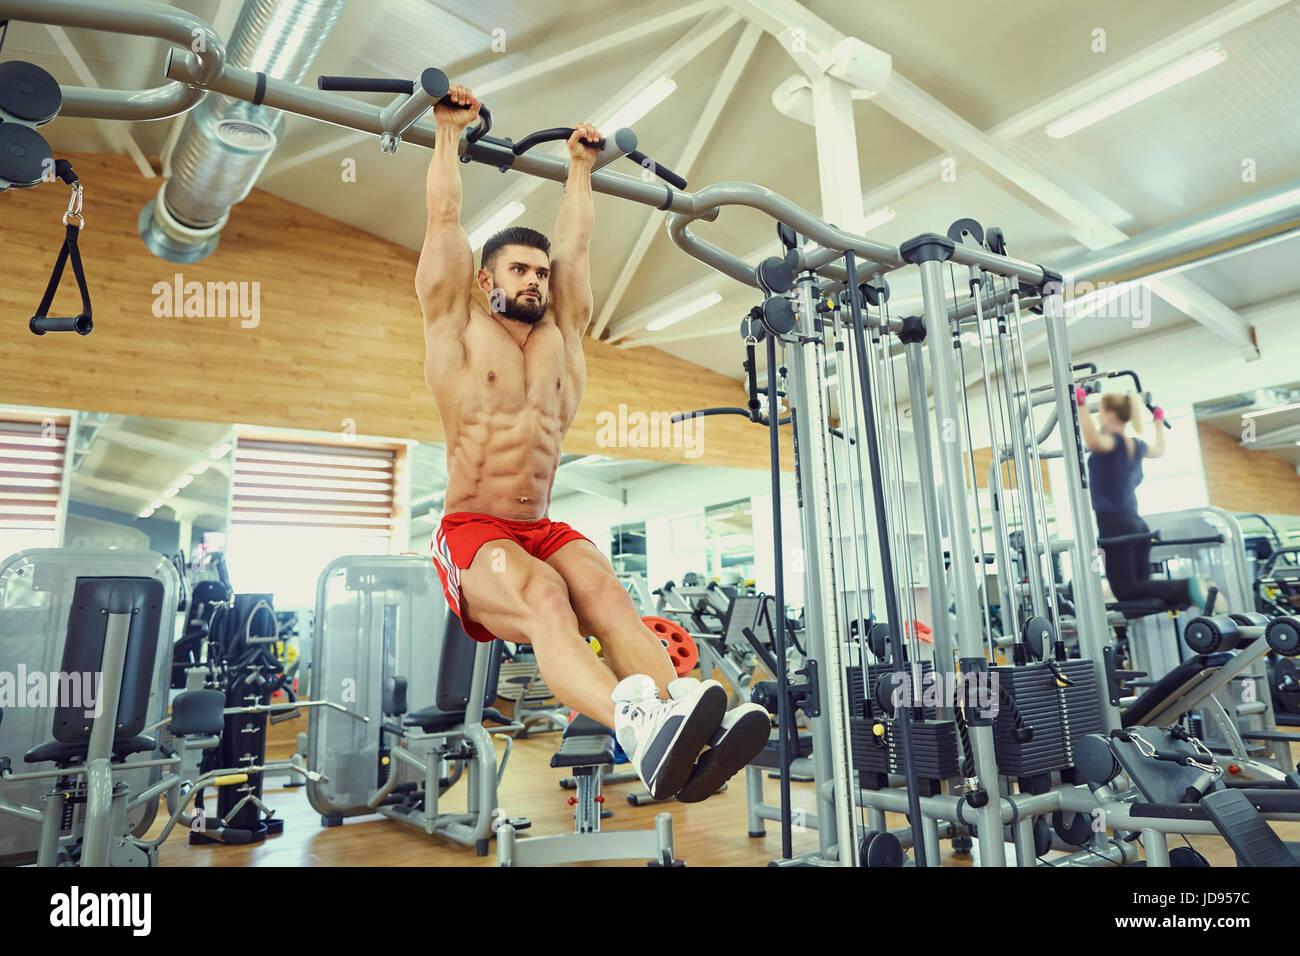 Un homme faisant des entraînements sur abs tirez bar in gym Photo Stock